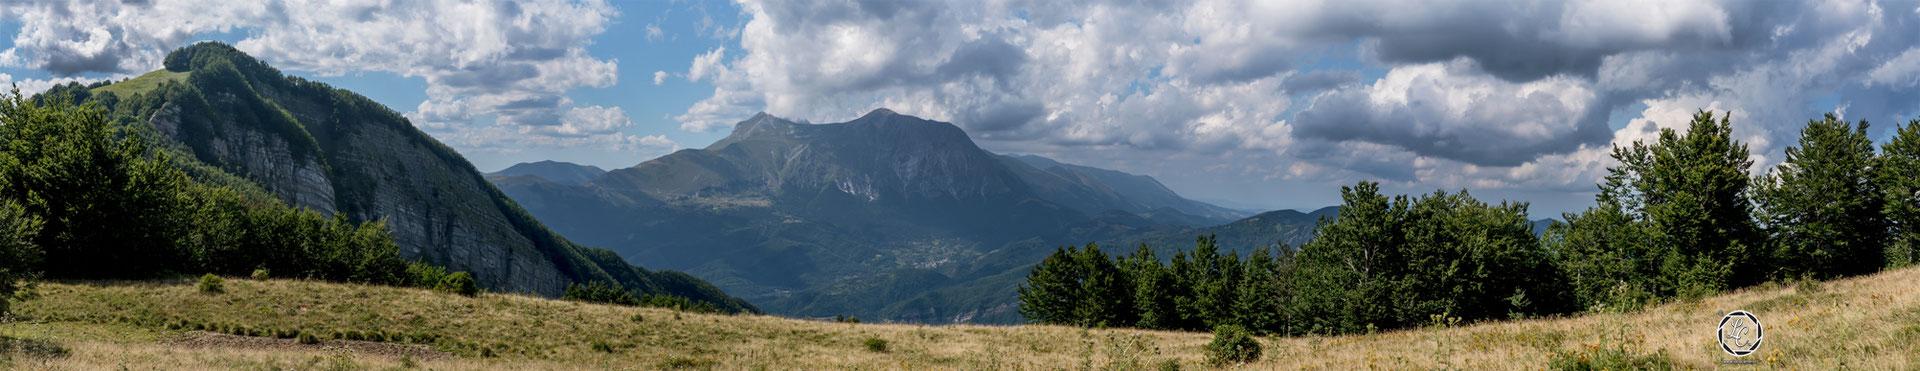 Giornata Della Terra. Monti della Laga, Marche. © Luca Cameli Photographer